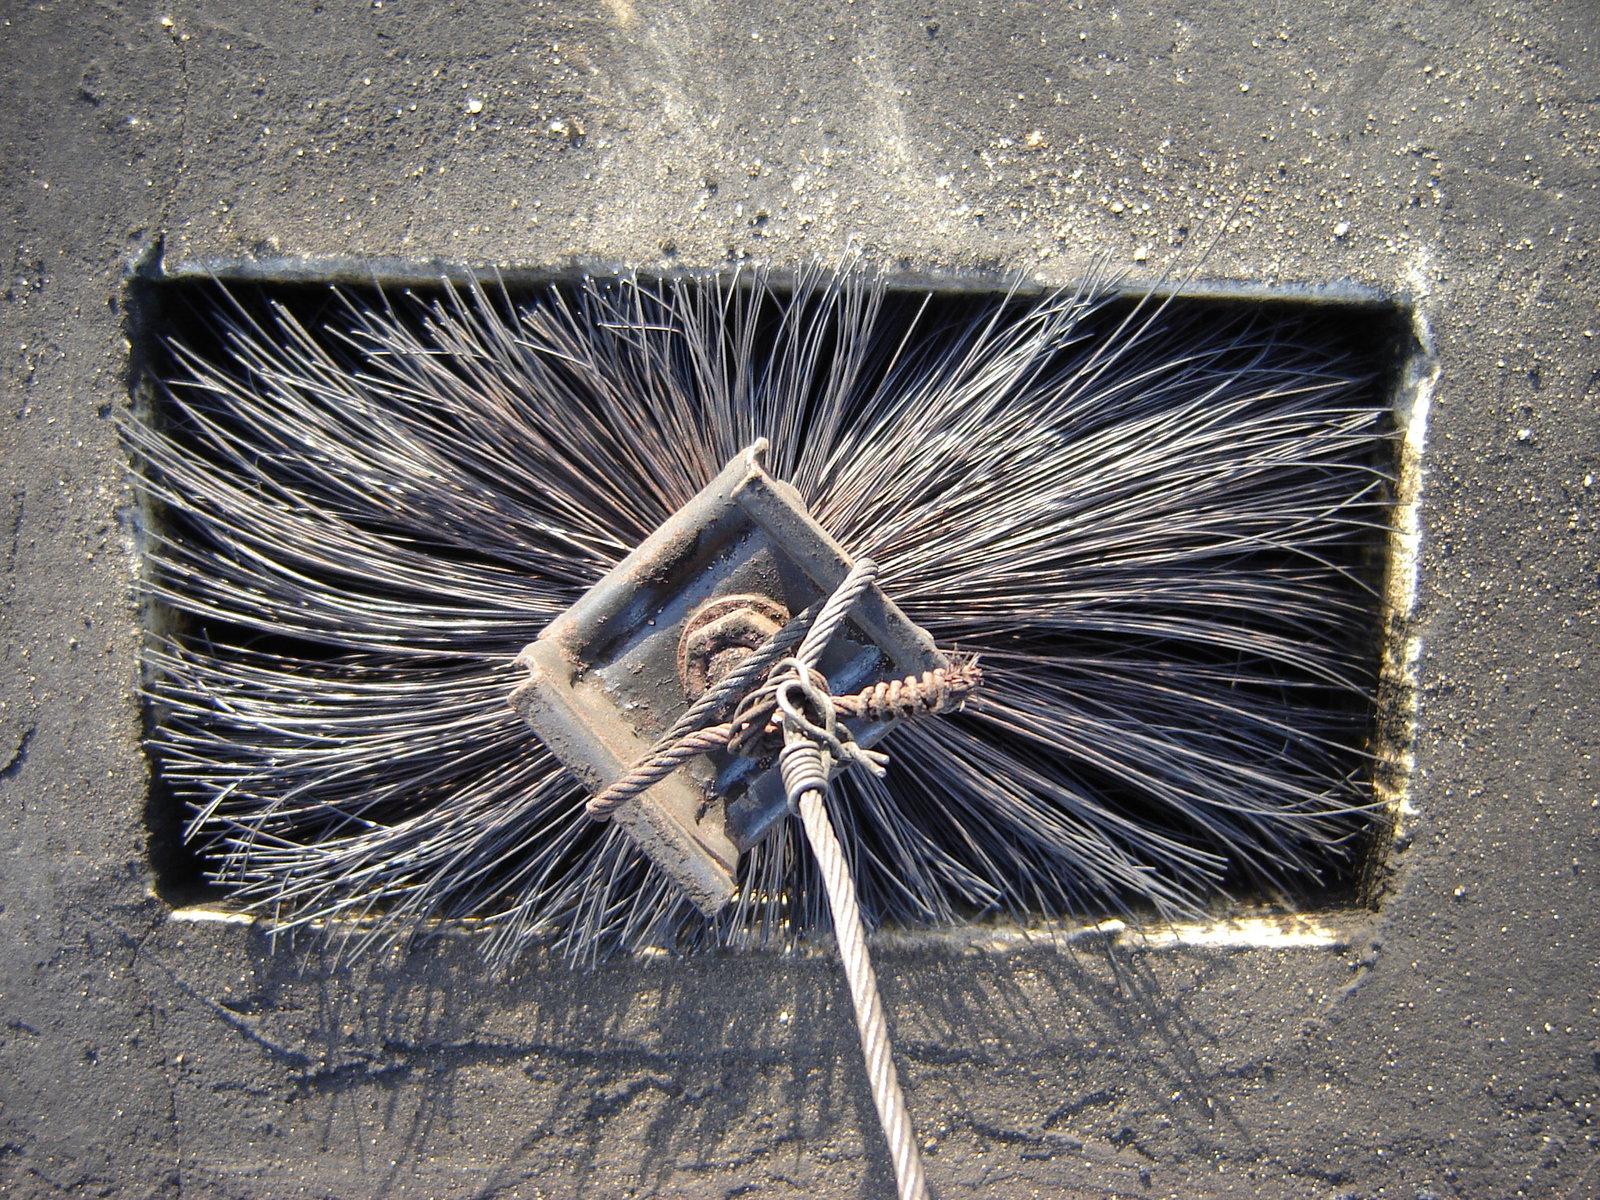 Poważnie Okresowe czyszczenie przewodów kominowych | Cennik | Usługi GU78